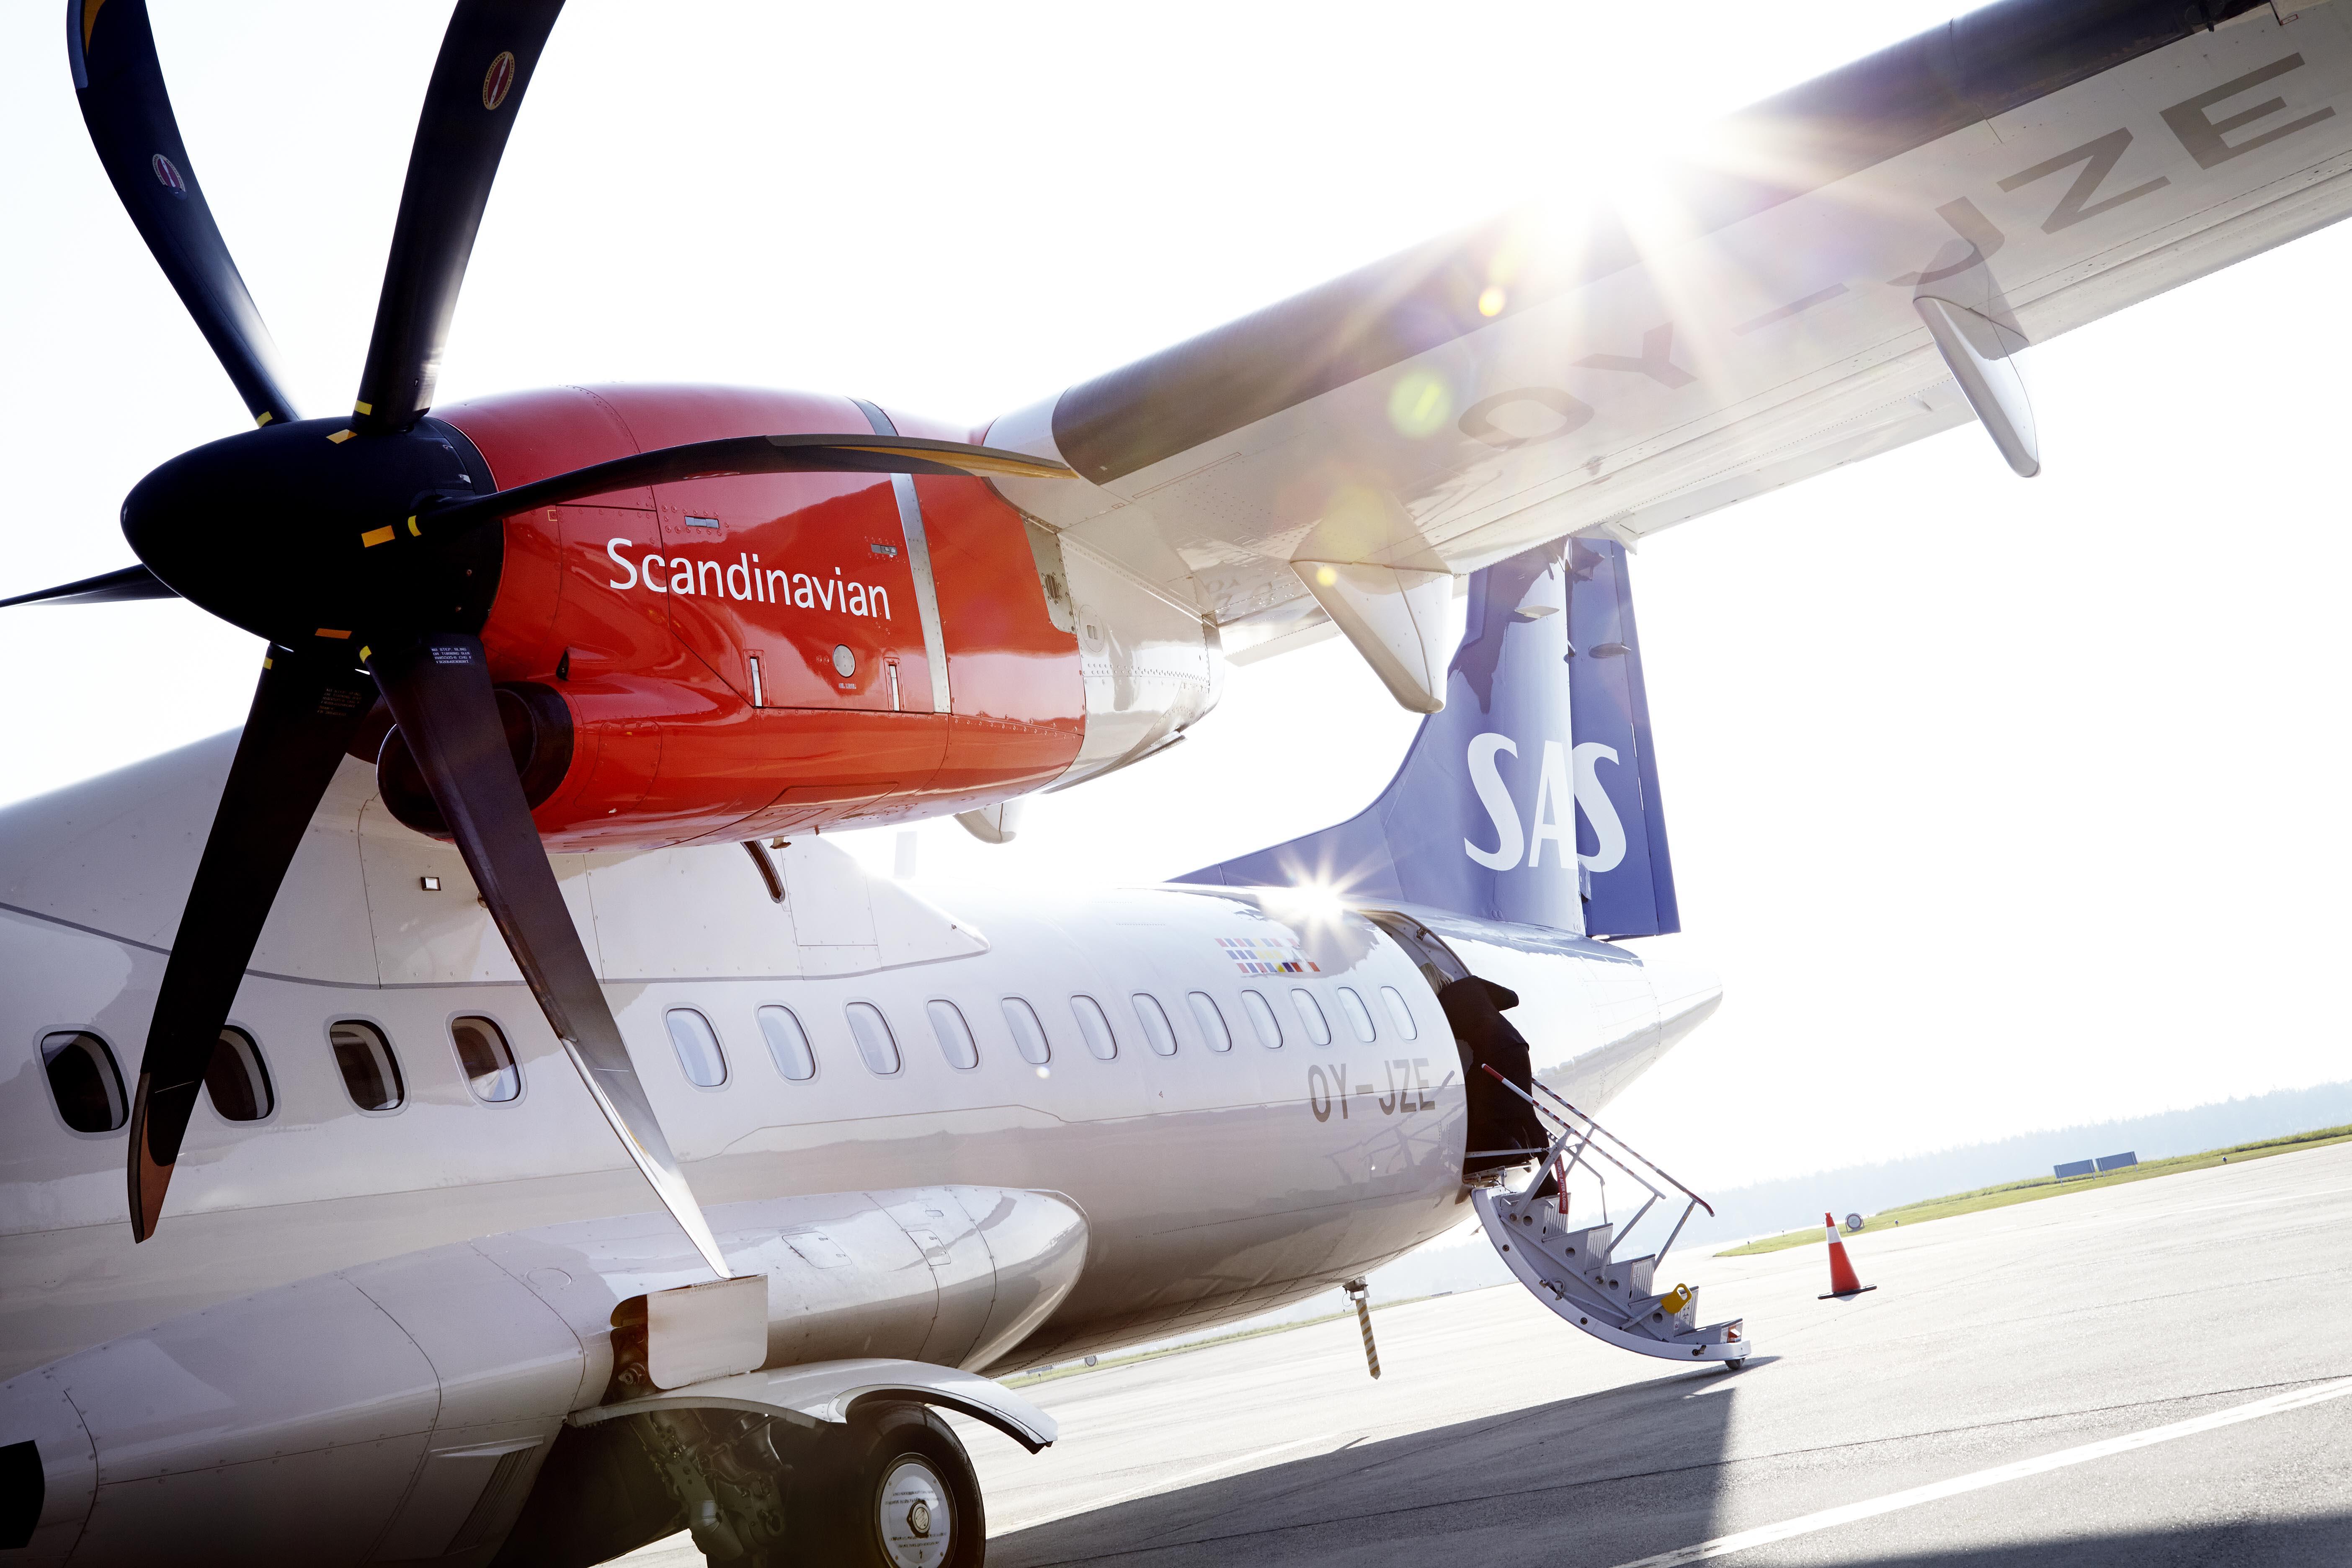 En række flyselskaber udfører regionale flyvninger for SAS med mindre fly, der kan være i SAS-bemaling.